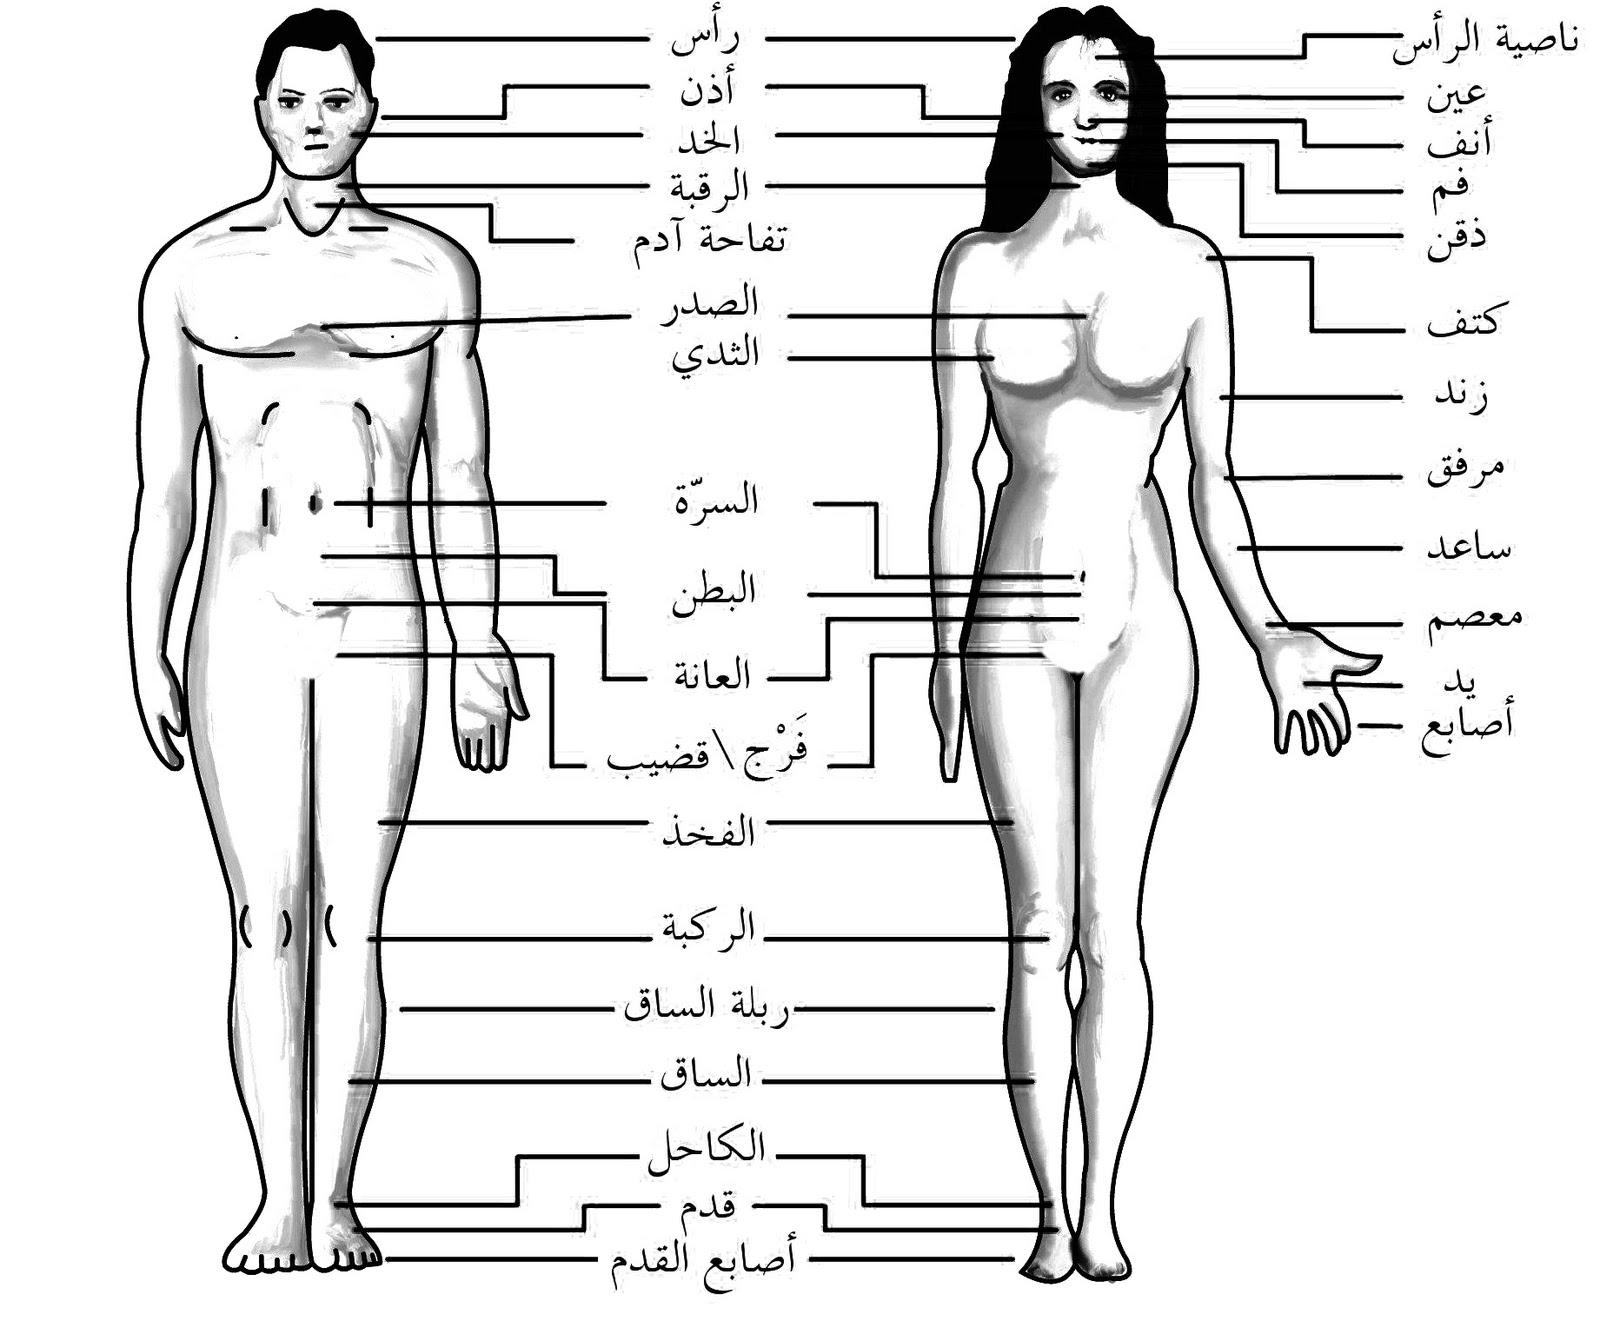 7612174f1 Arabic Vocabulary - Human Body | Learn Arabic تعلم العربية